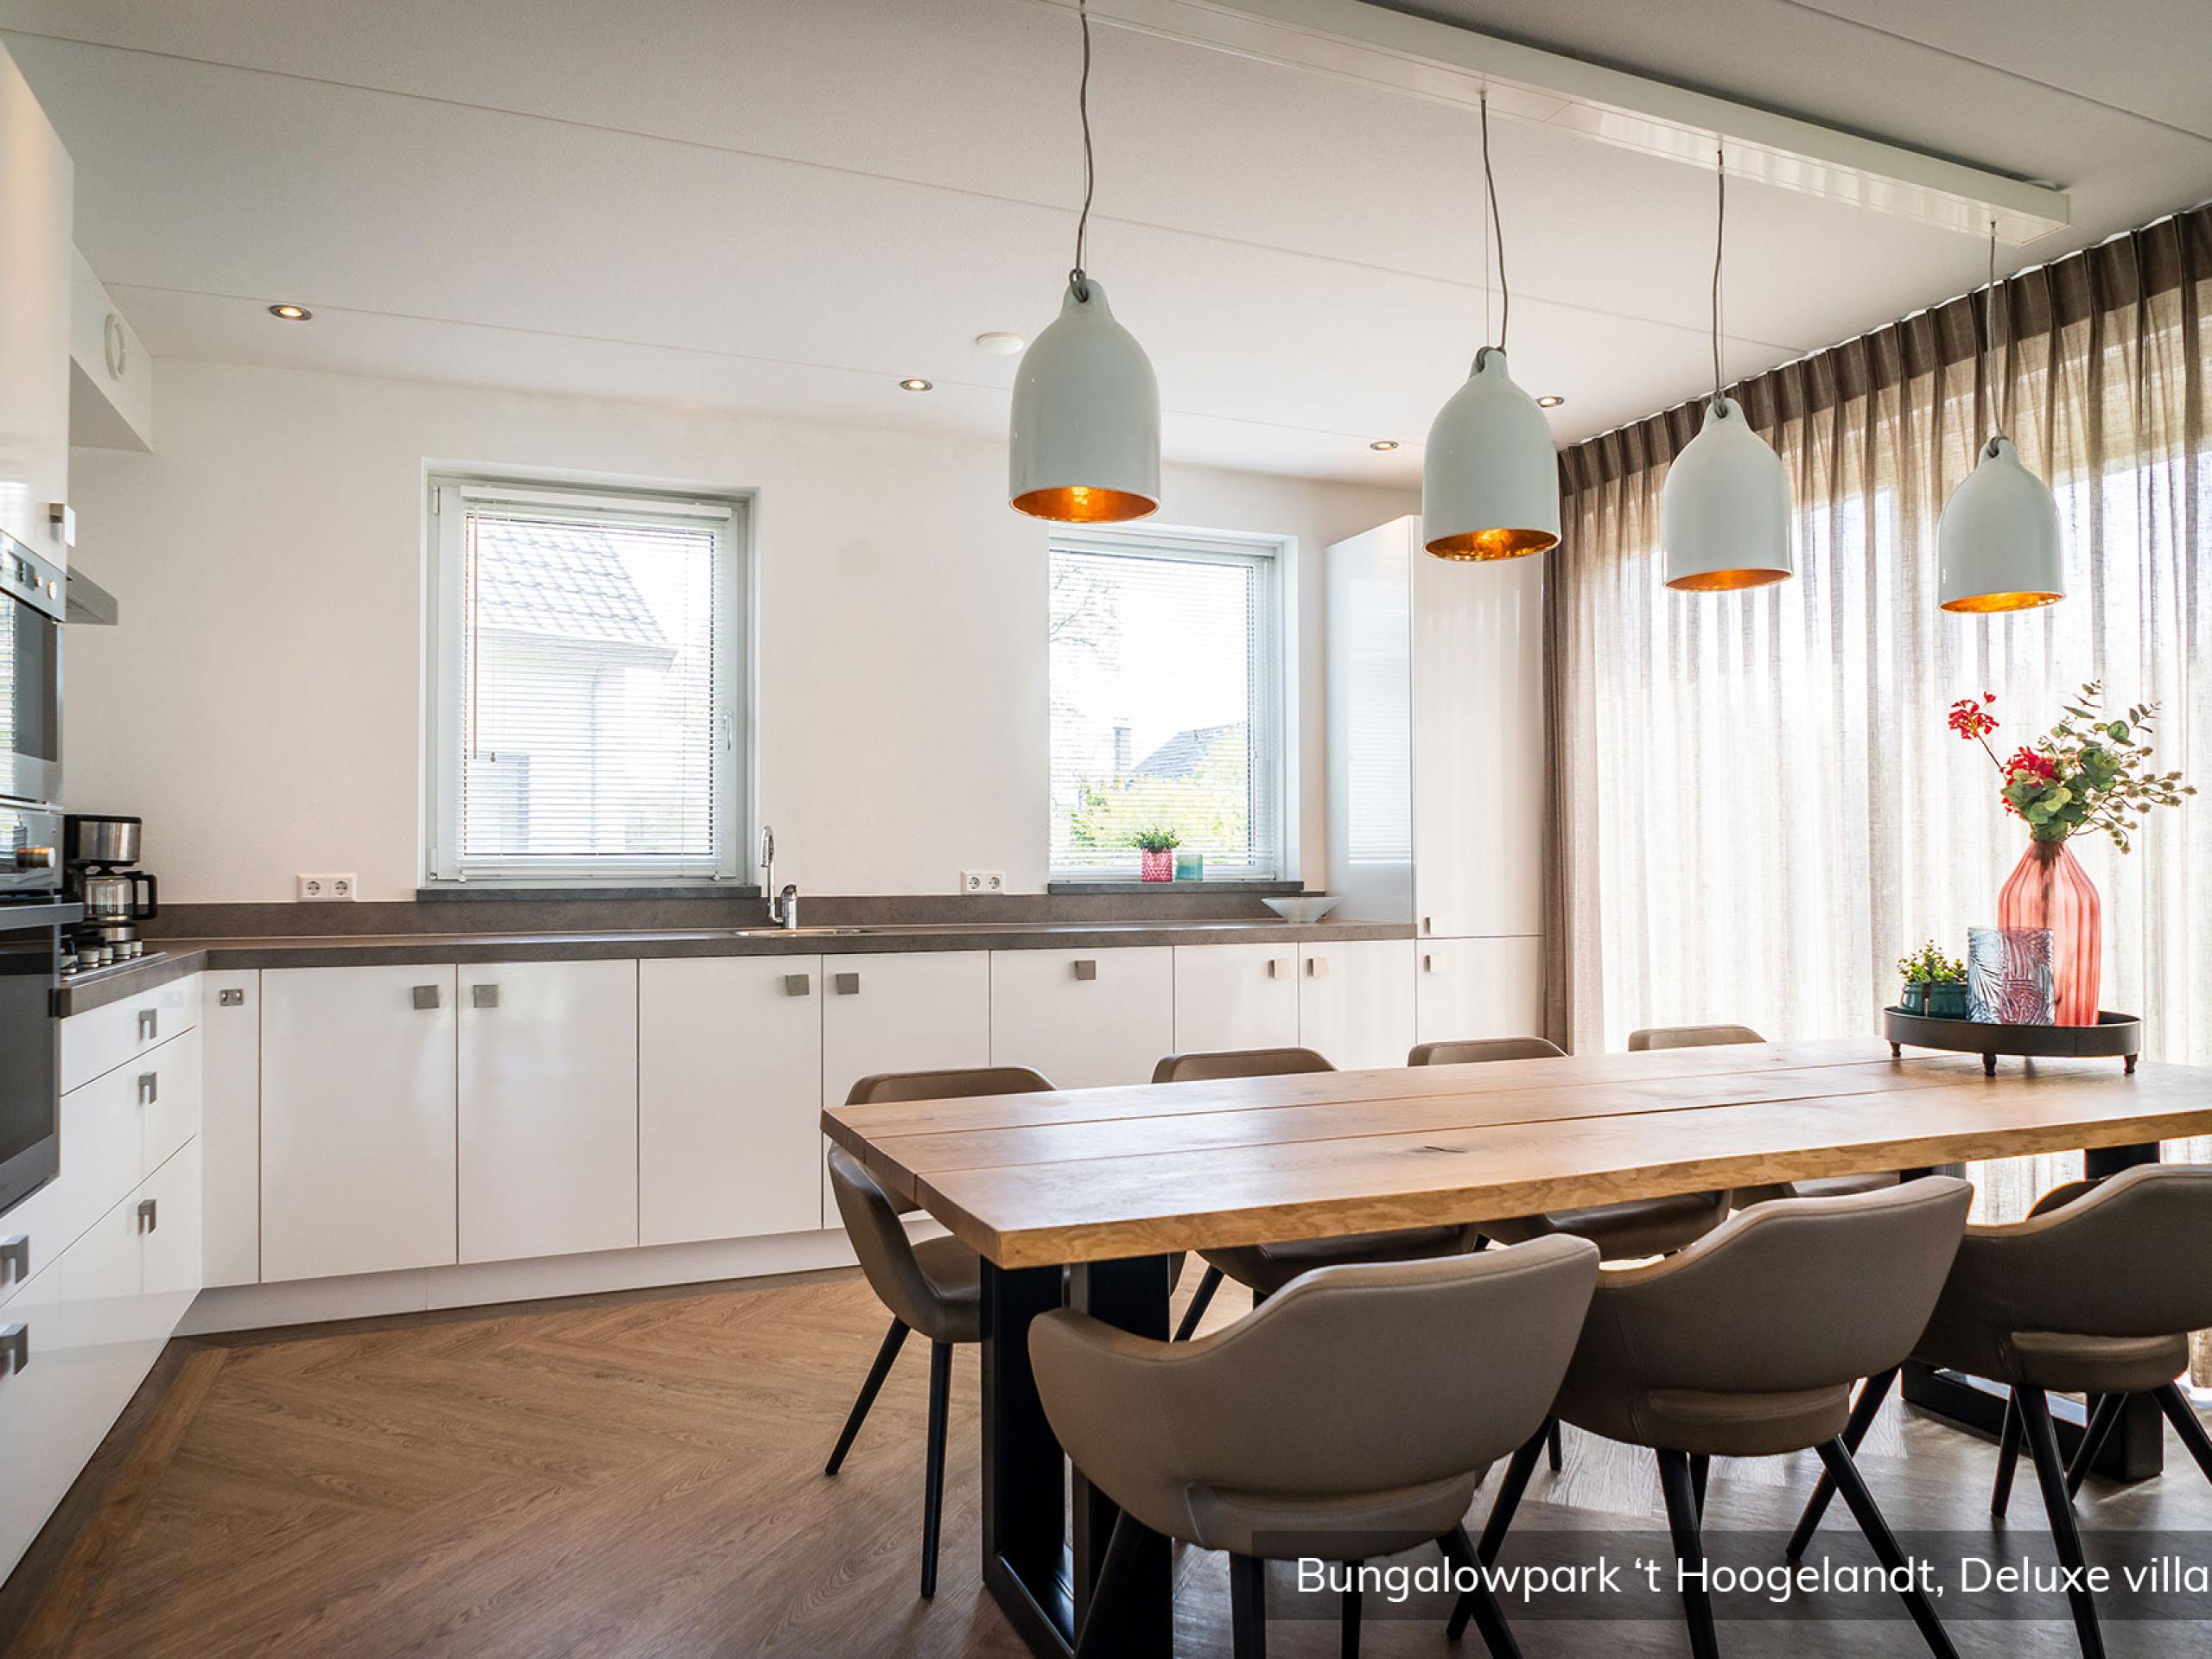 Entspannen Sie in einer geräumigen, luxuriösen Villa in ruhiger Lage in der Nähe von De Koog